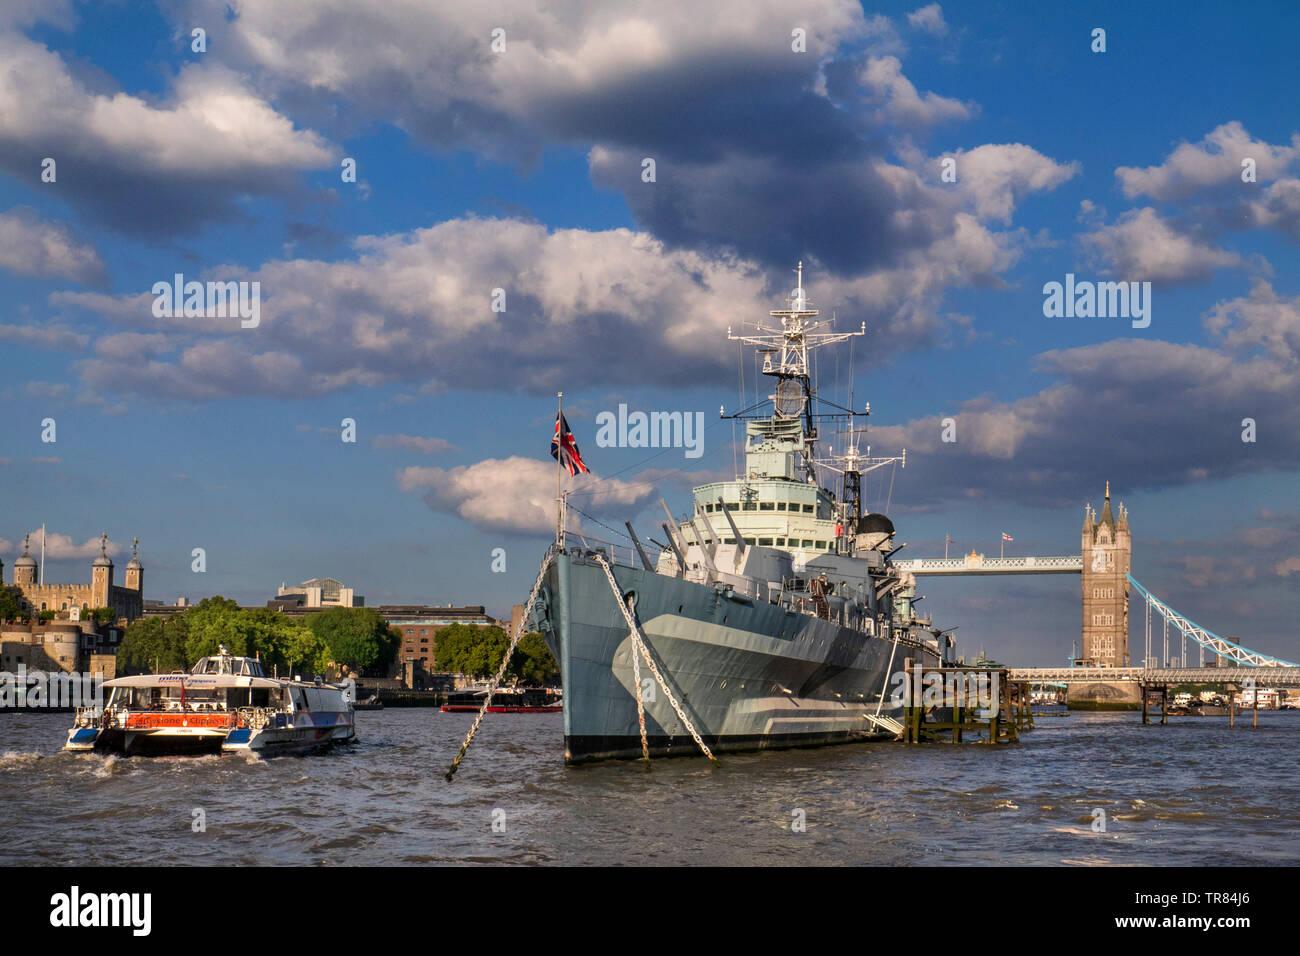 HMS Belfast museo barco anclado en el río Támesis, con la Torre de Londres, a un paso del río RB1 Clipper Barco y el Puente de la torre detrás de London SE1 Foto de stock